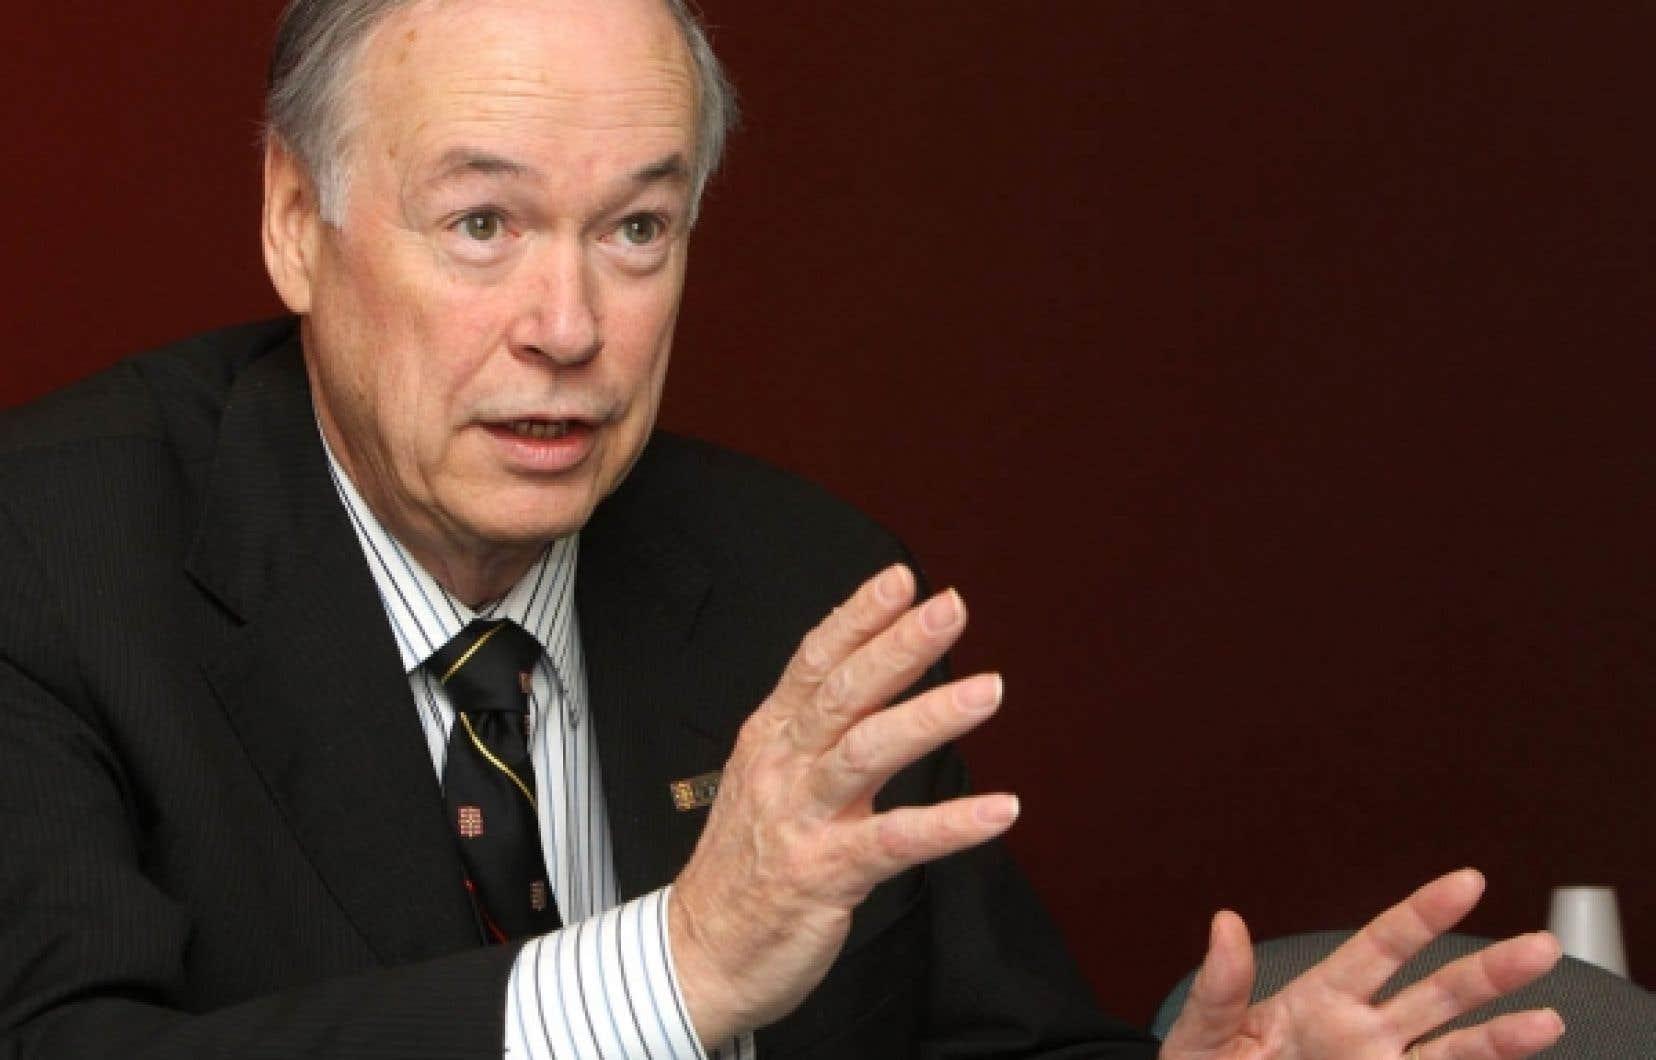 Selon le recteur de l'Université Laval, Denis Brière, non seulement l'augmentation des droits apparaît inévitable, mais elle serait certainement bien accueillie par les étudiants.